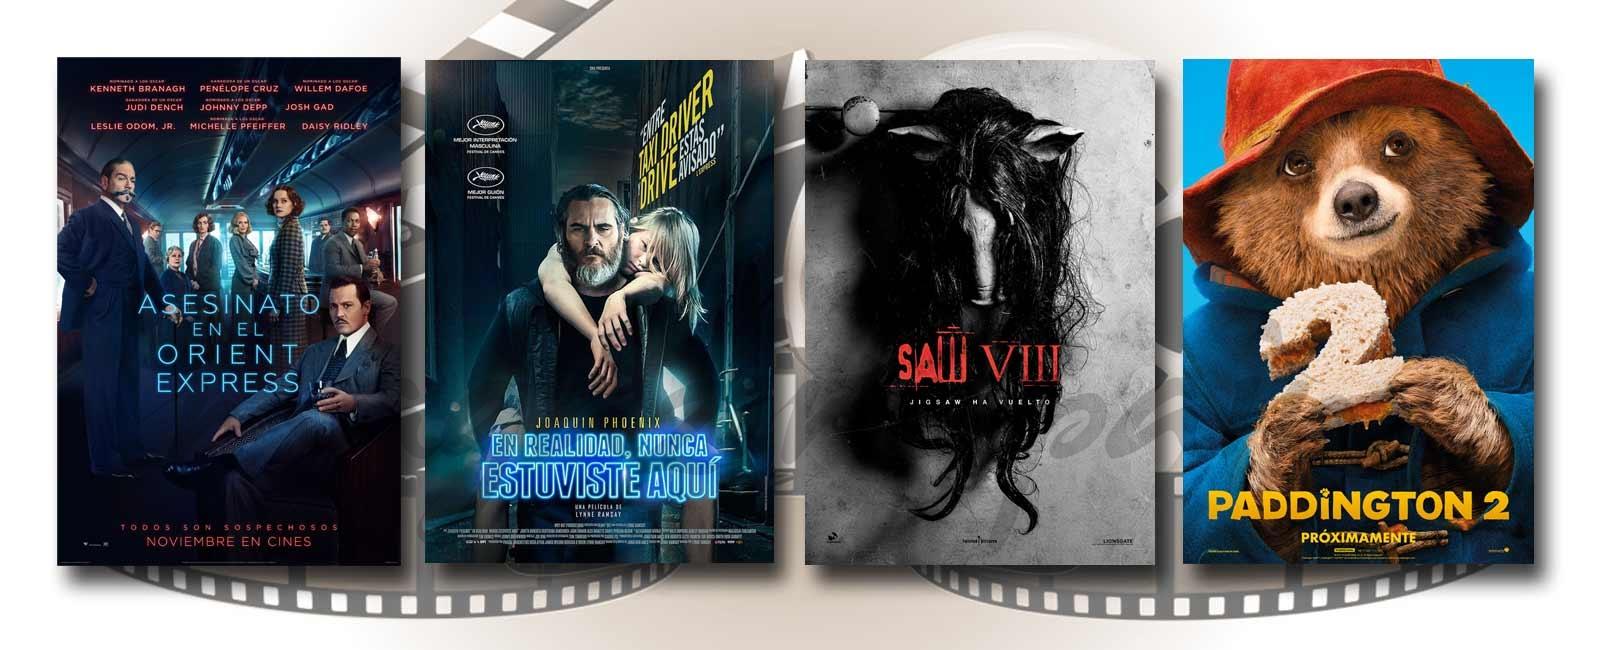 estrenos cine 24 noviembre